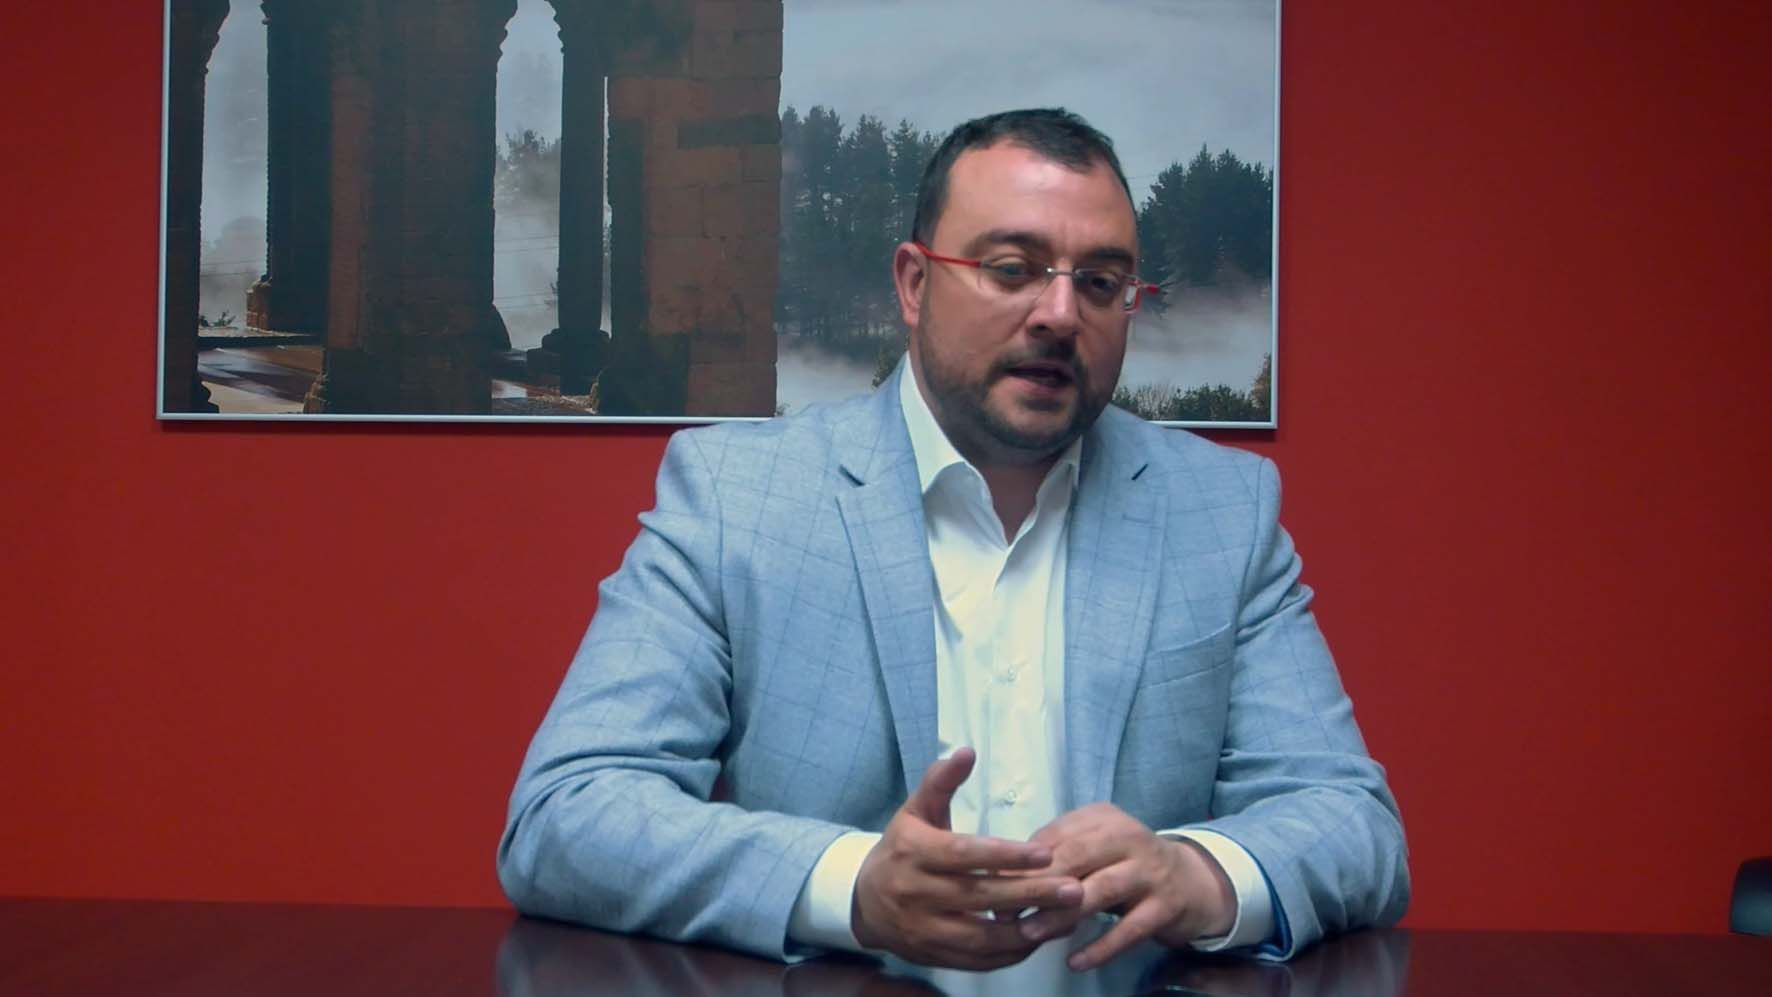 Entrevista a Adrián Barbón, candidato del PSOE.Mariví Monteserín, candidata del PSOE a la Alcaldía de Avilés